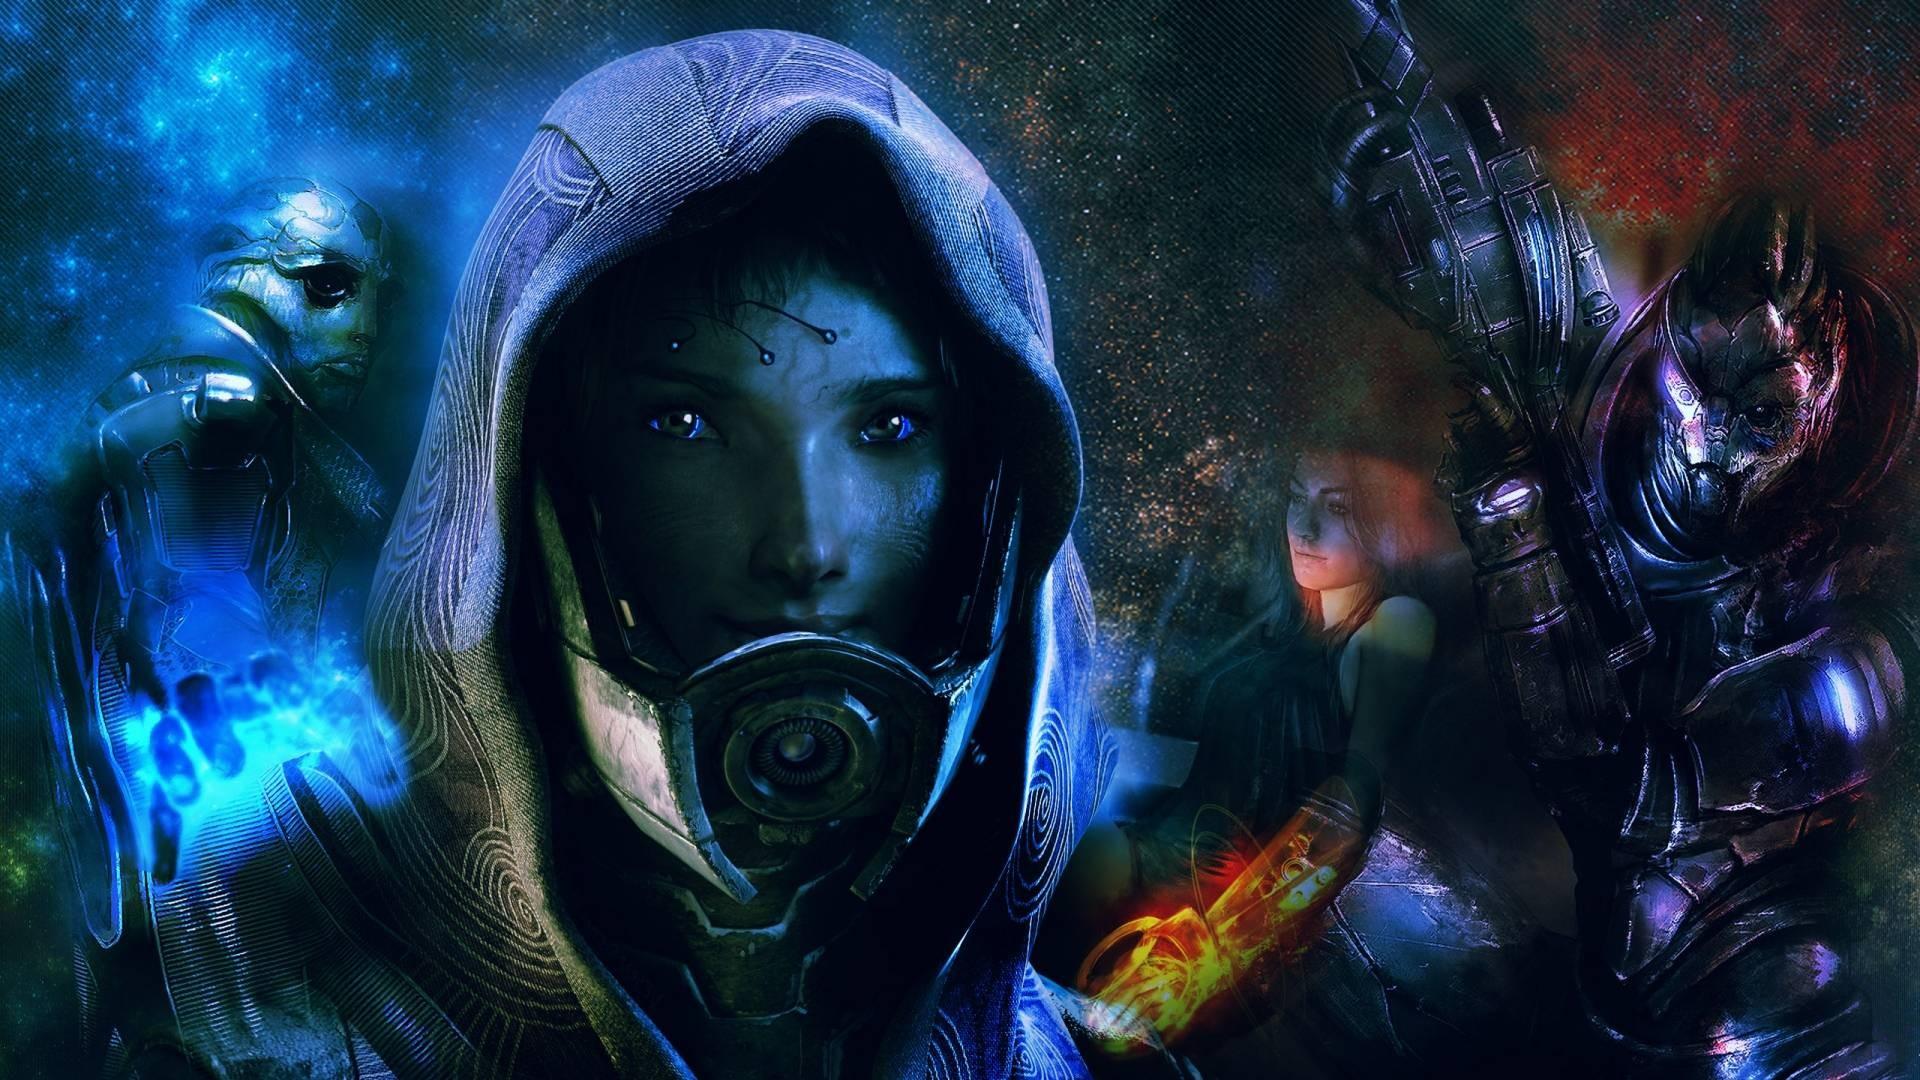 Mass Effect Wallpaper image hd